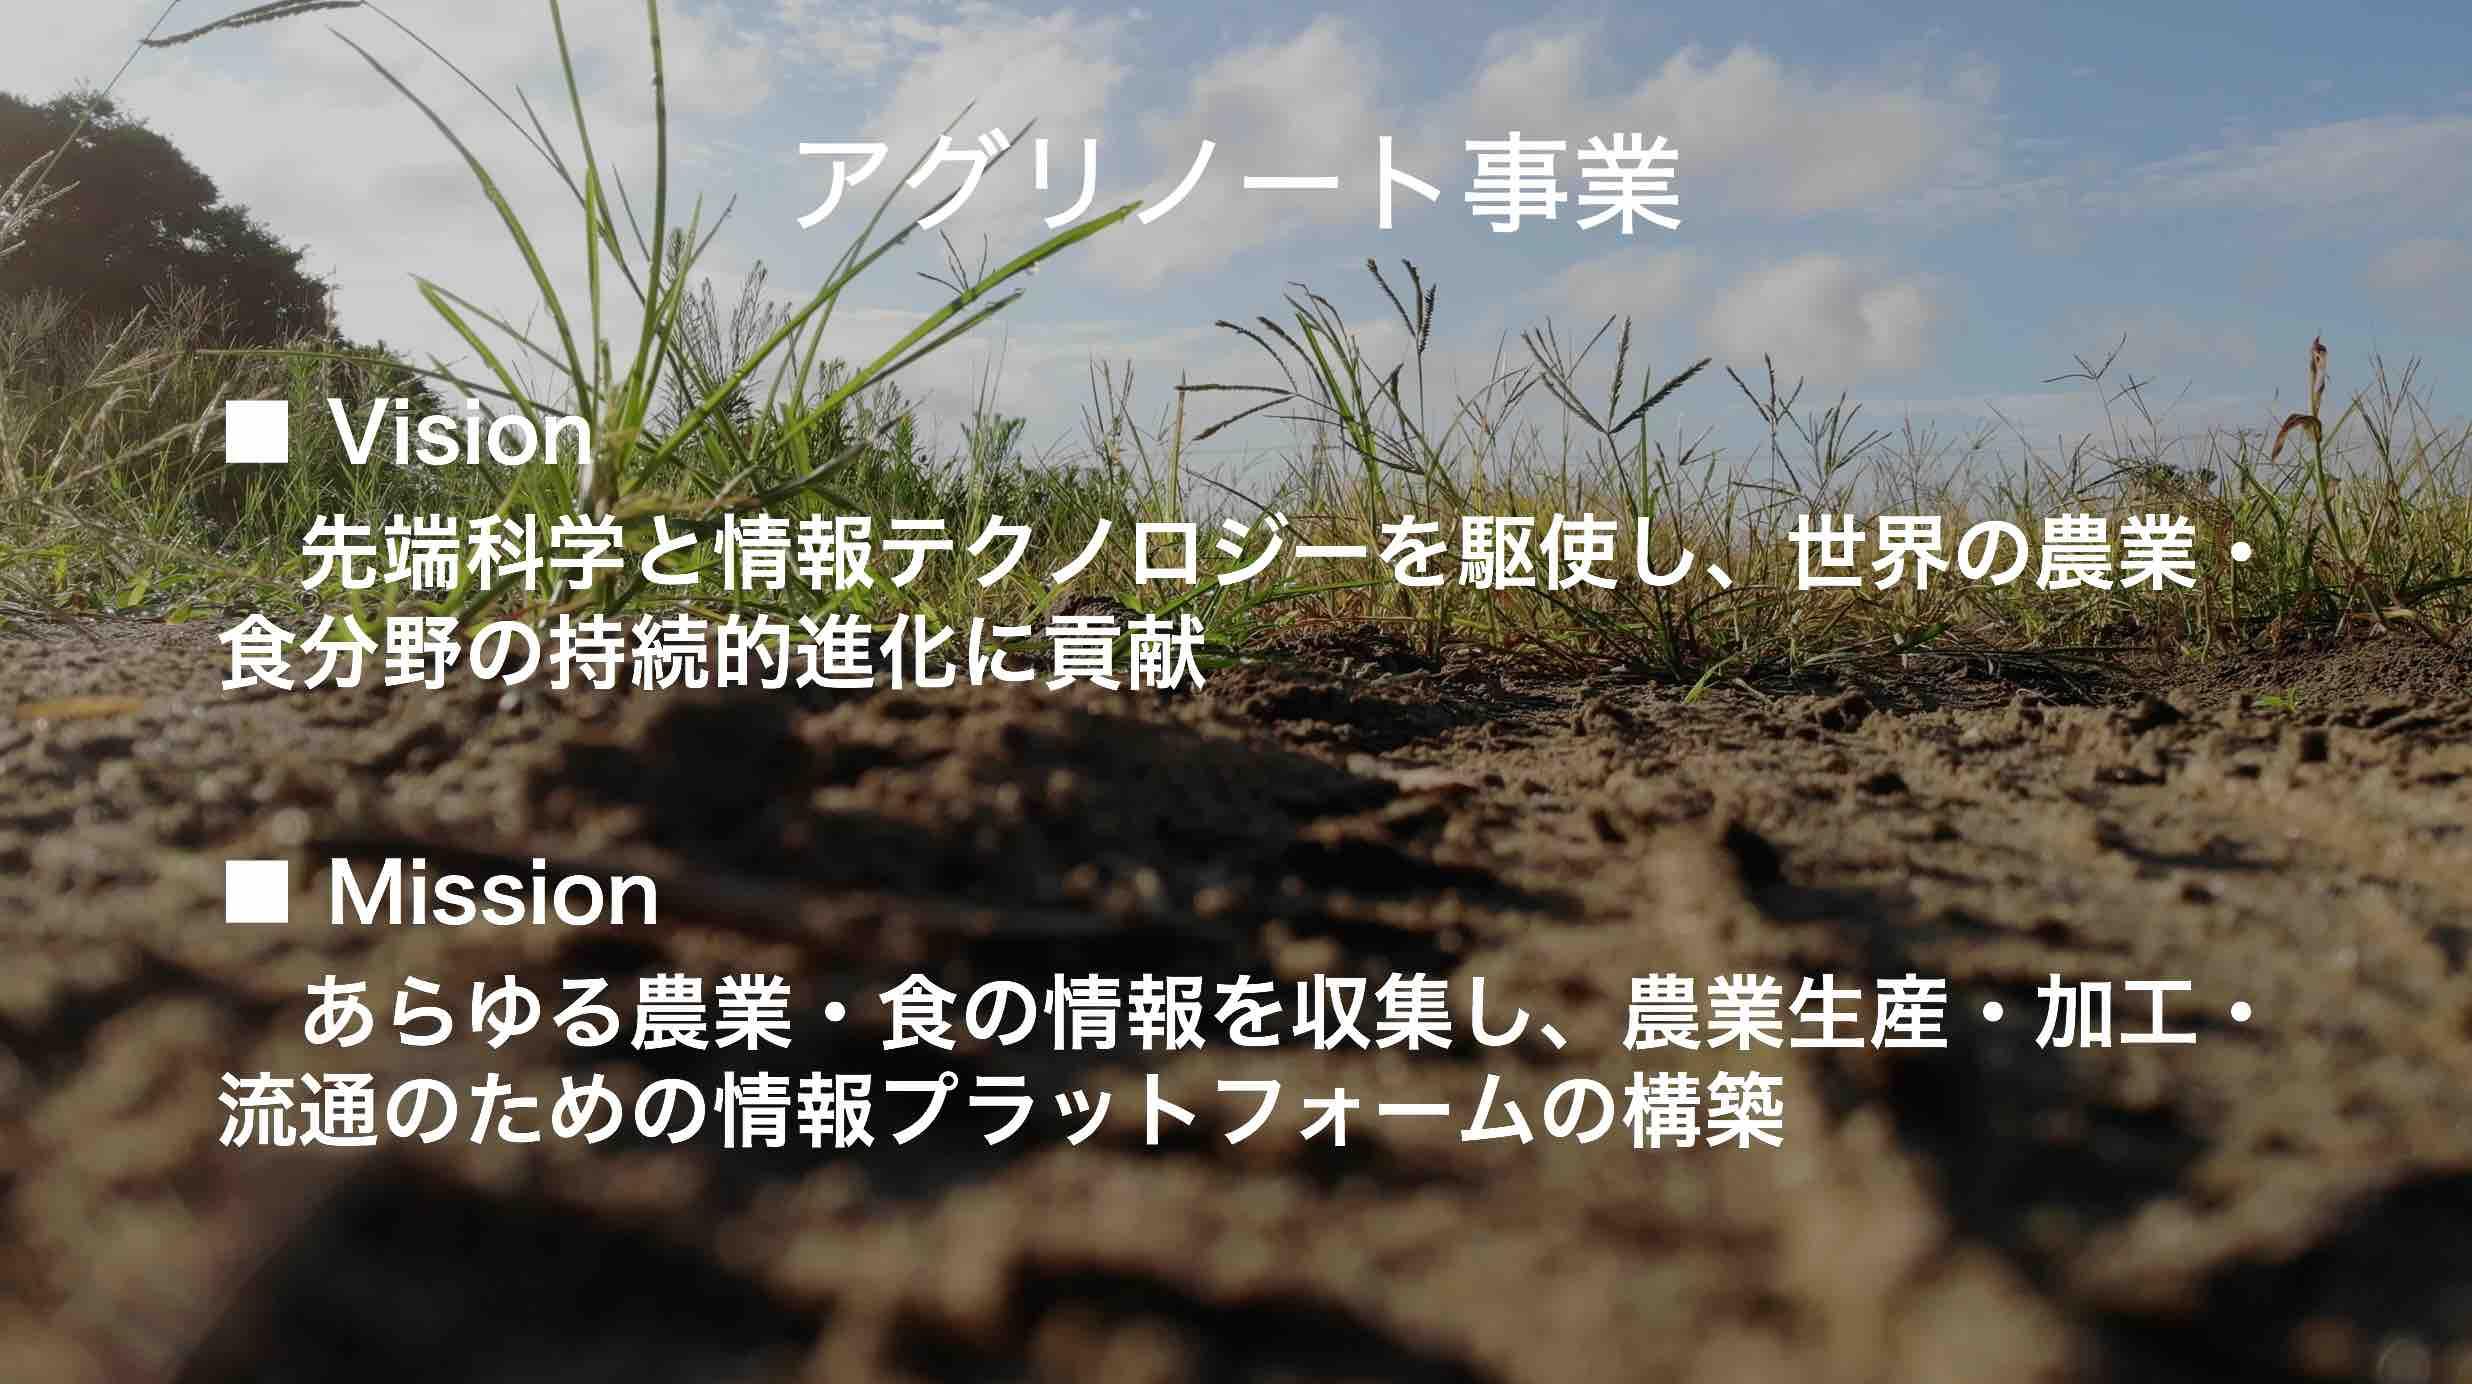 アグリノート事業 / Vision / Mission